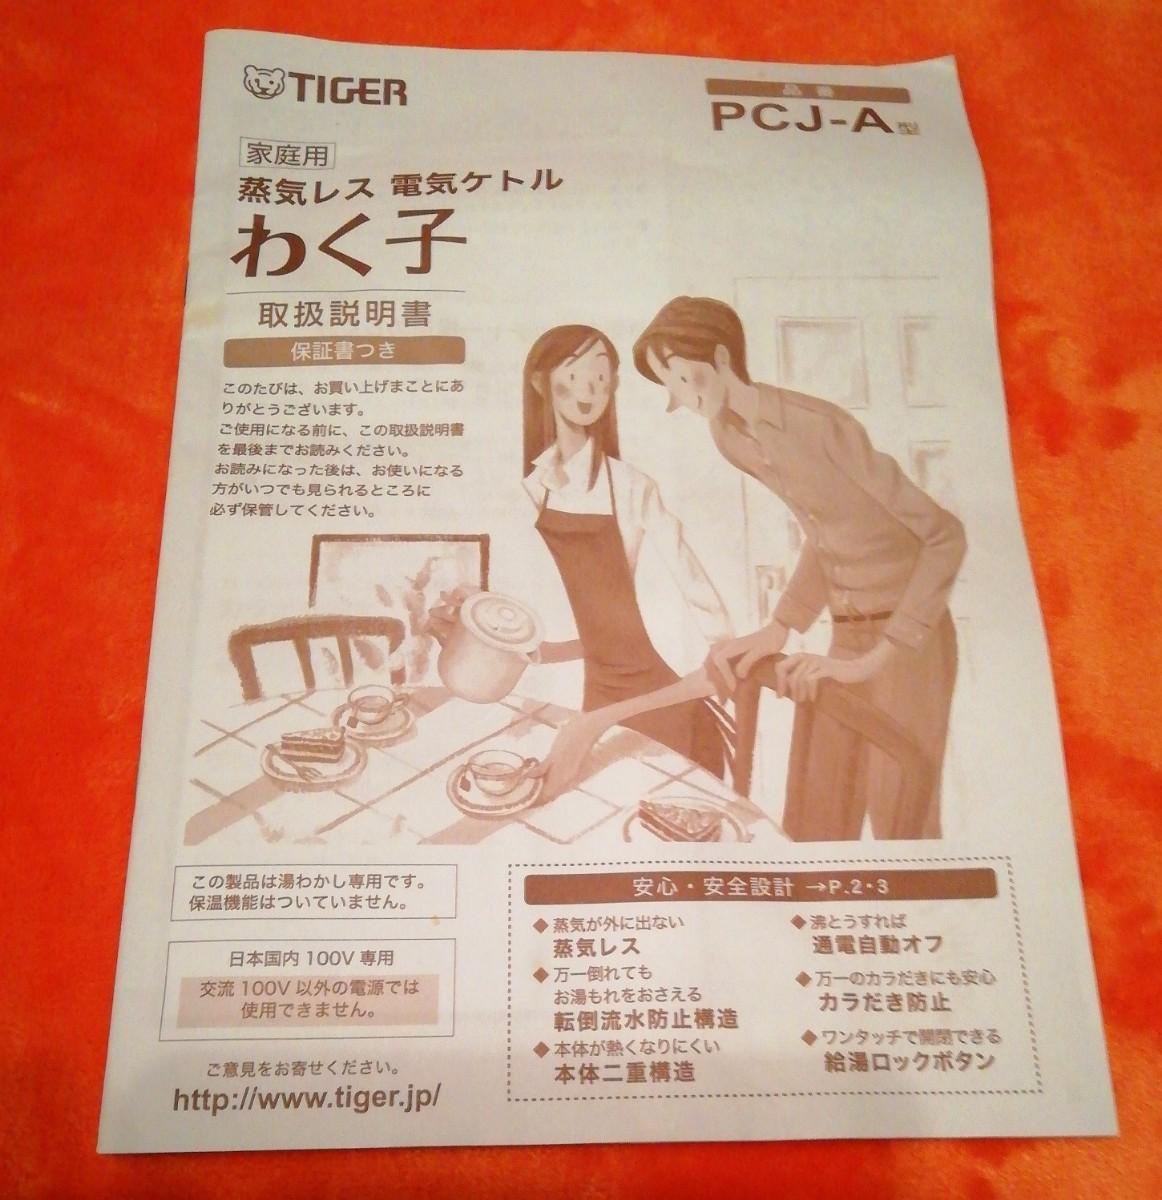 蒸気レス 電気ケトル わく子(TIGER) 0.8lLホワイト:説明書あり